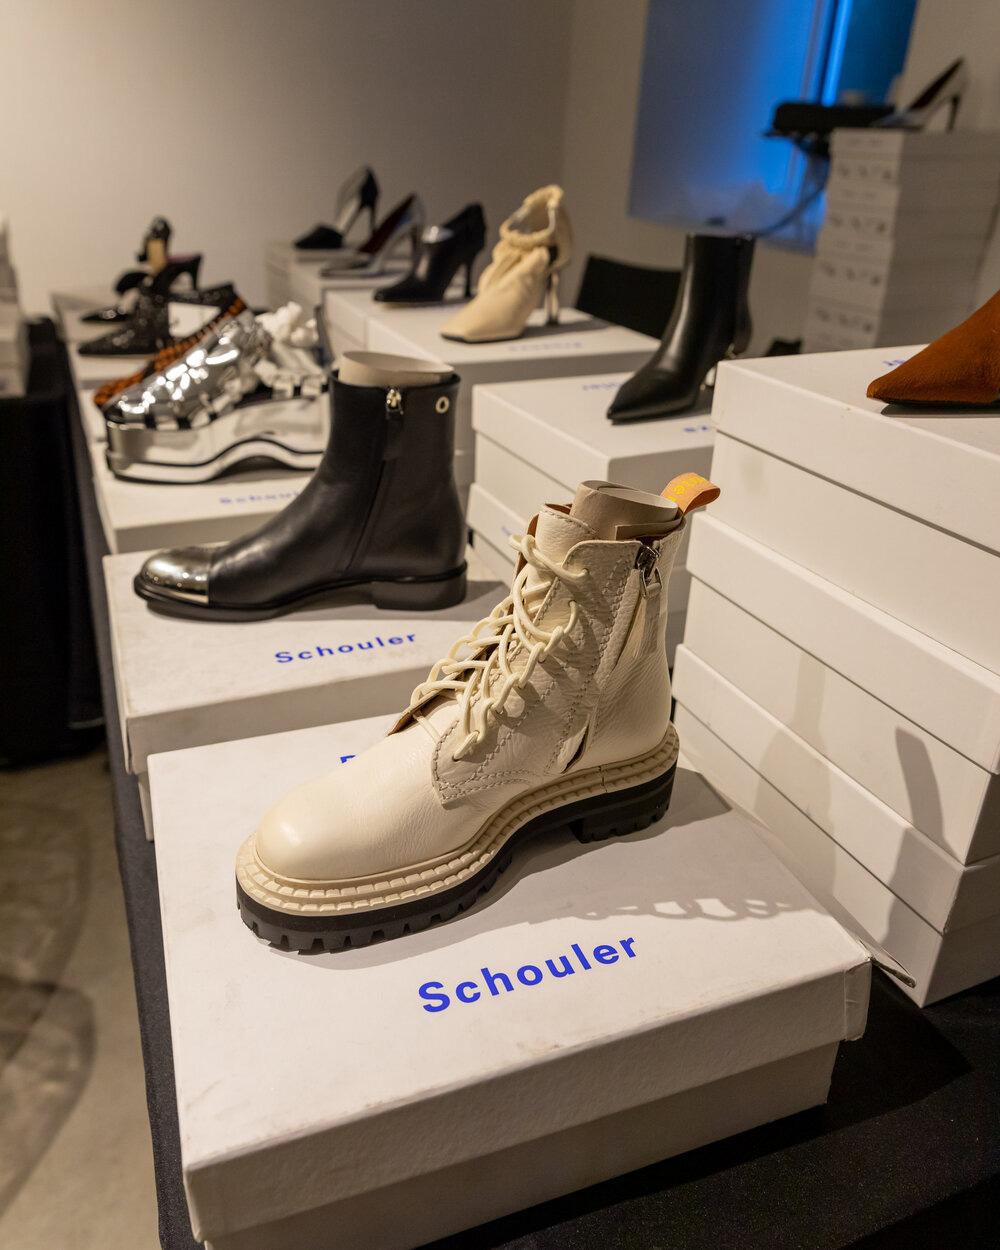 Proenza Schouler Sample Sale in Images